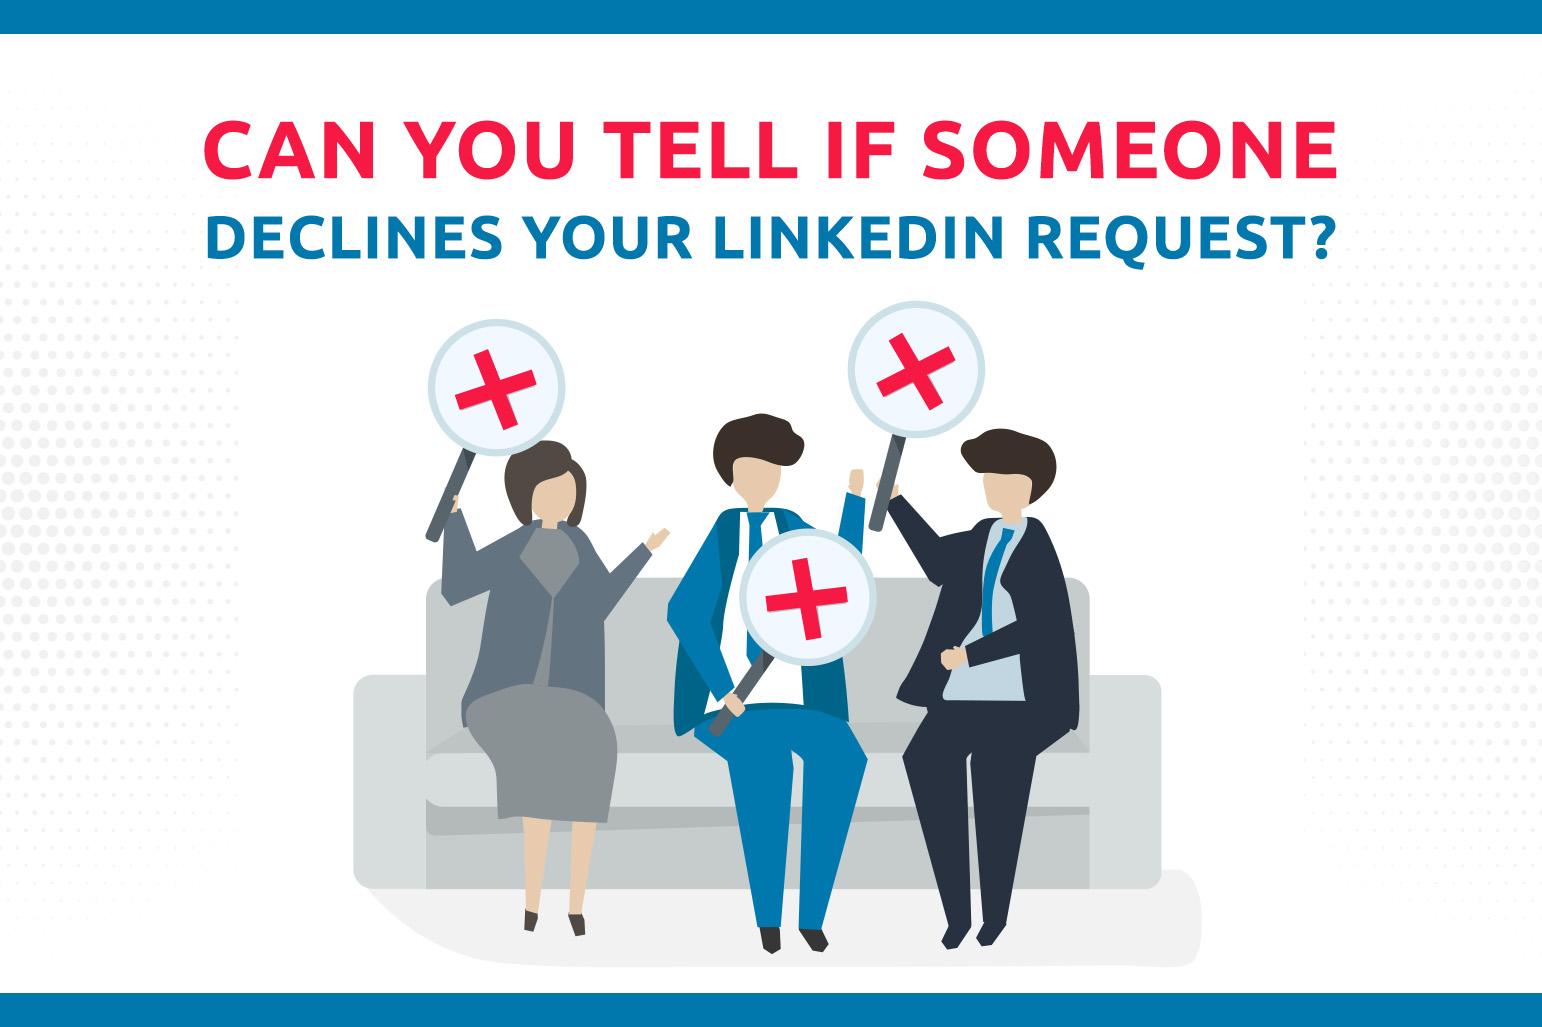 Pouvez-vous dire si quelqu'un refuse votre demande LinkedIn ?